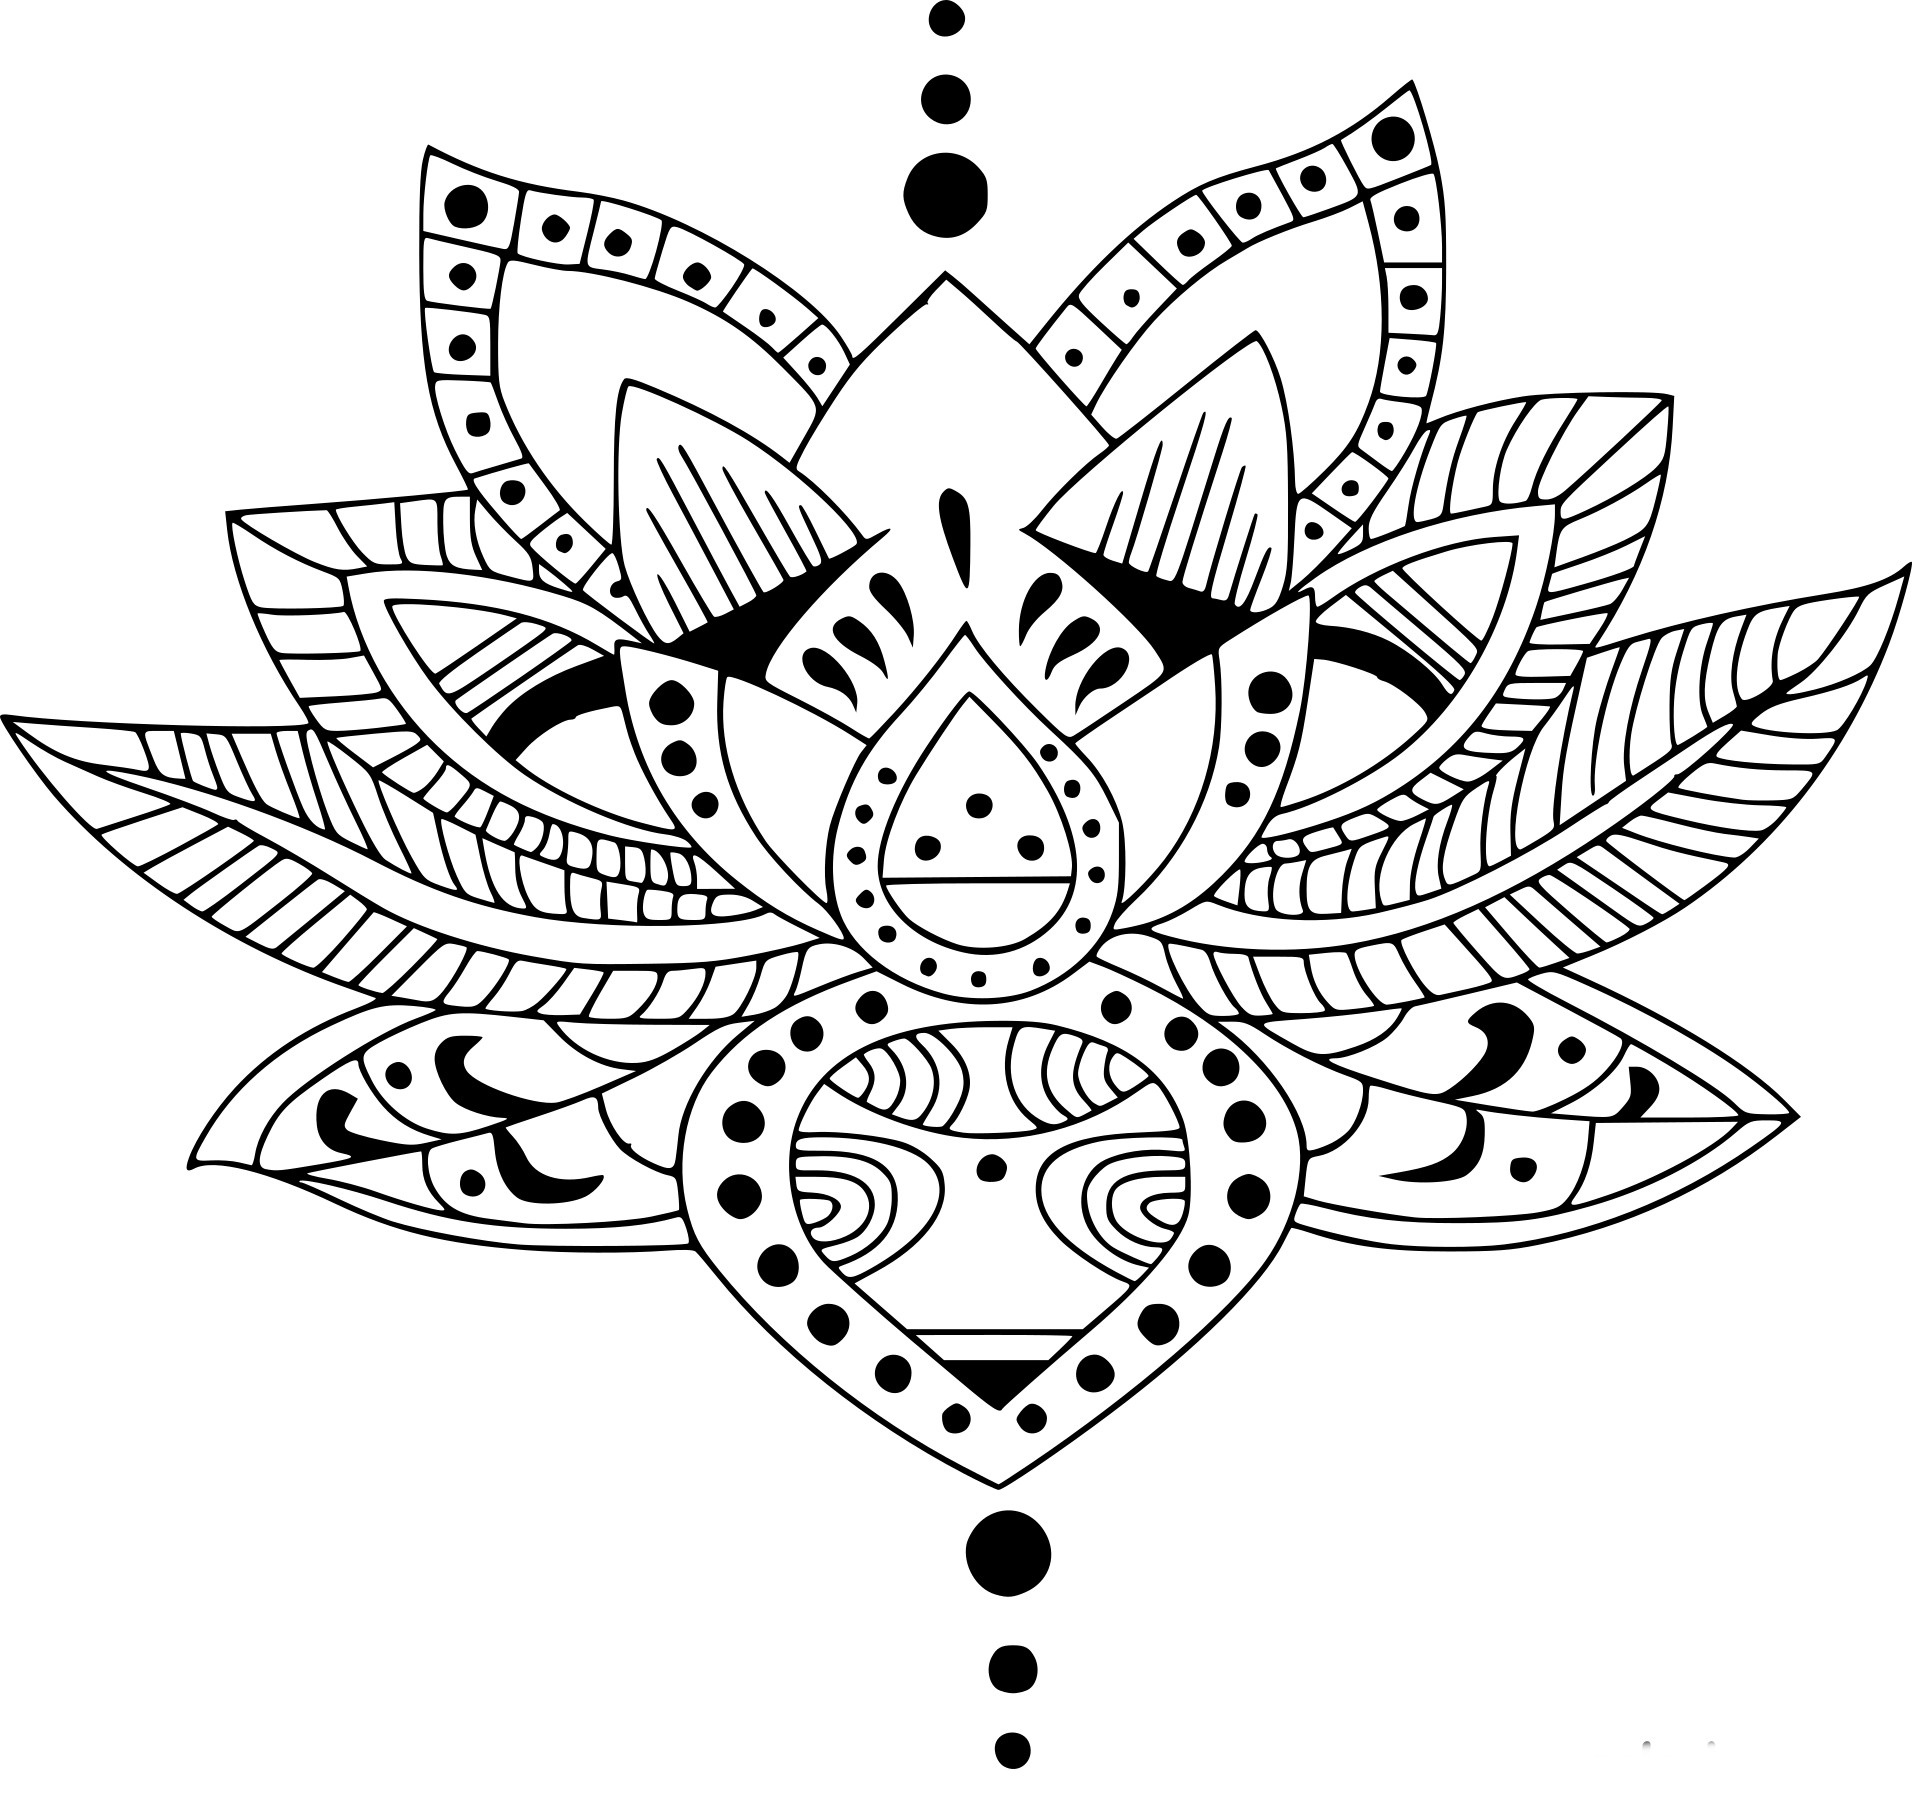 Coloriage Zen À Imprimer Sur Coloriages tout Image Zen A Imprimer